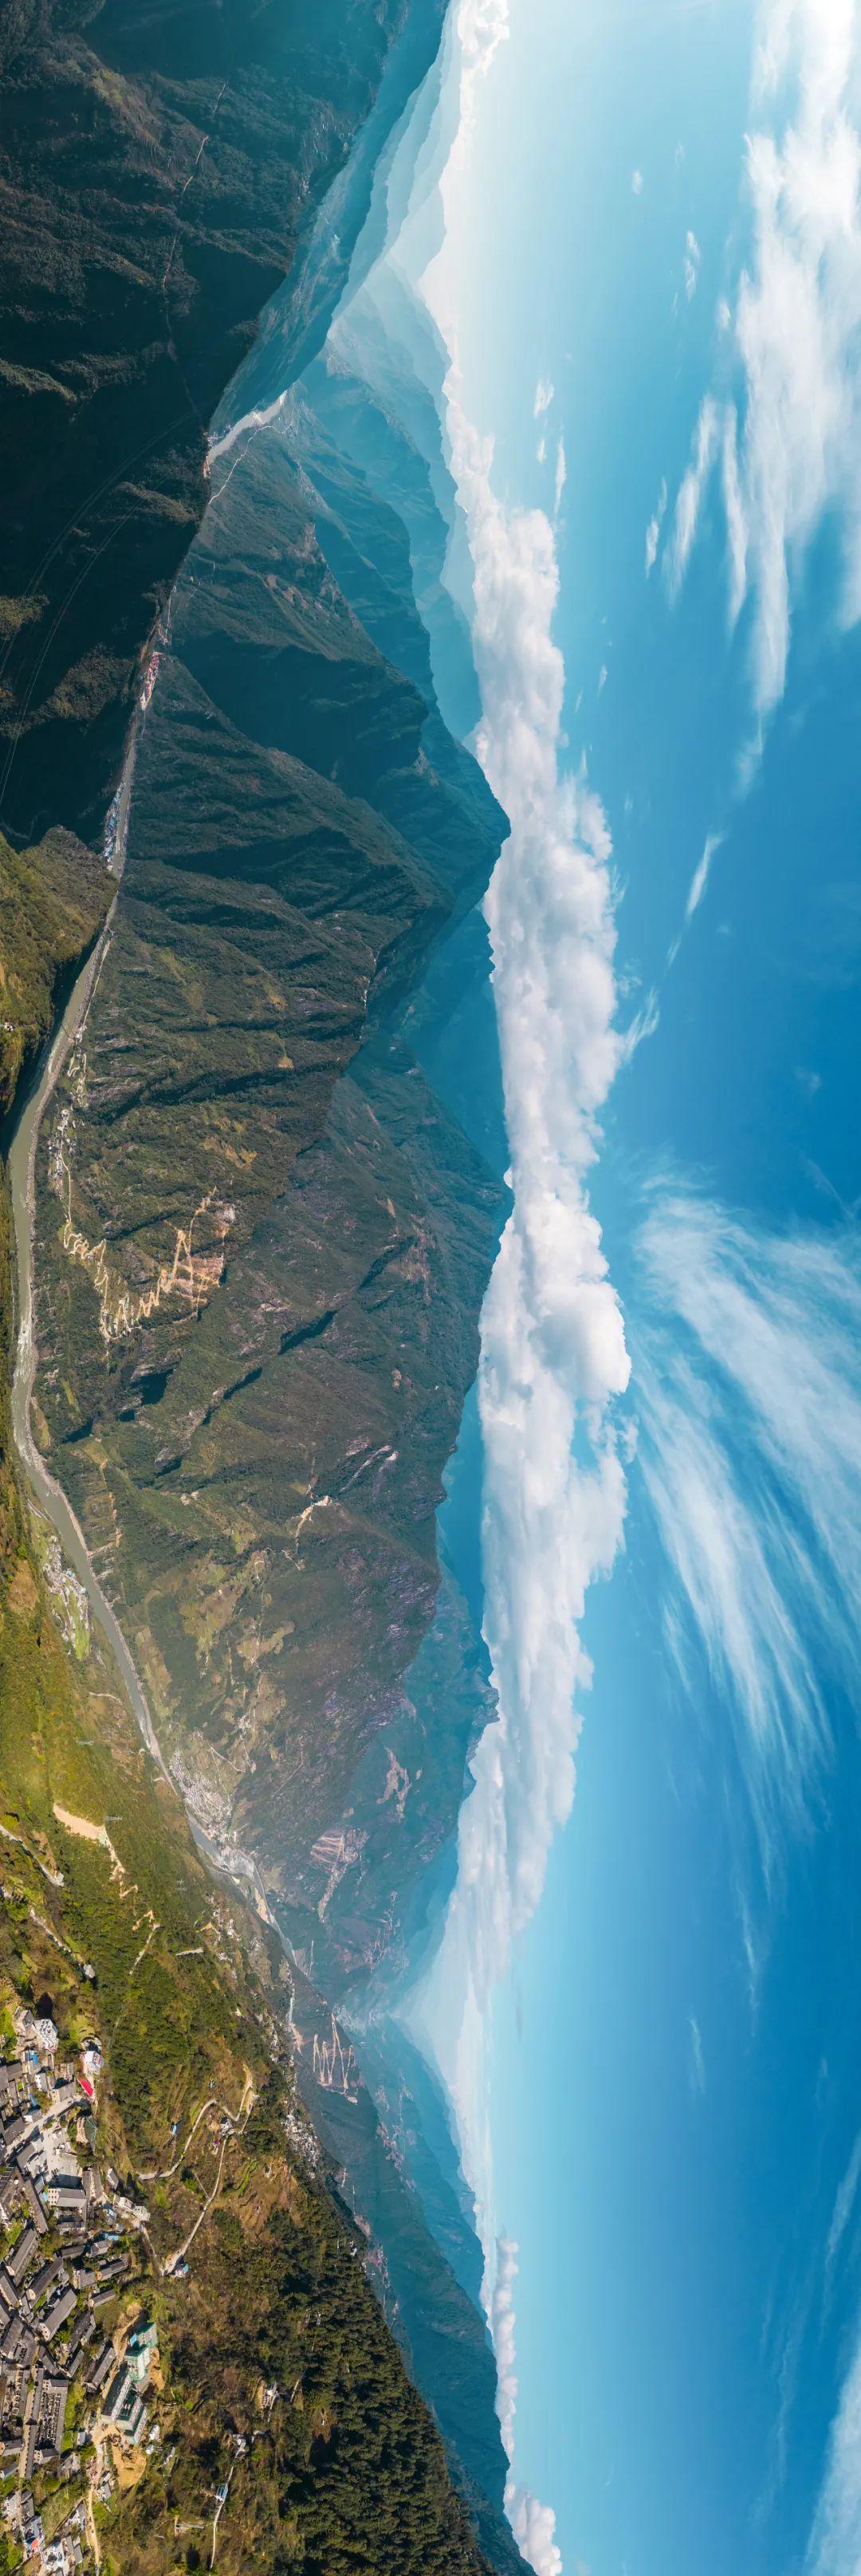 ▲ 被怒江环绕着的高黎贡山 。图/视觉中国